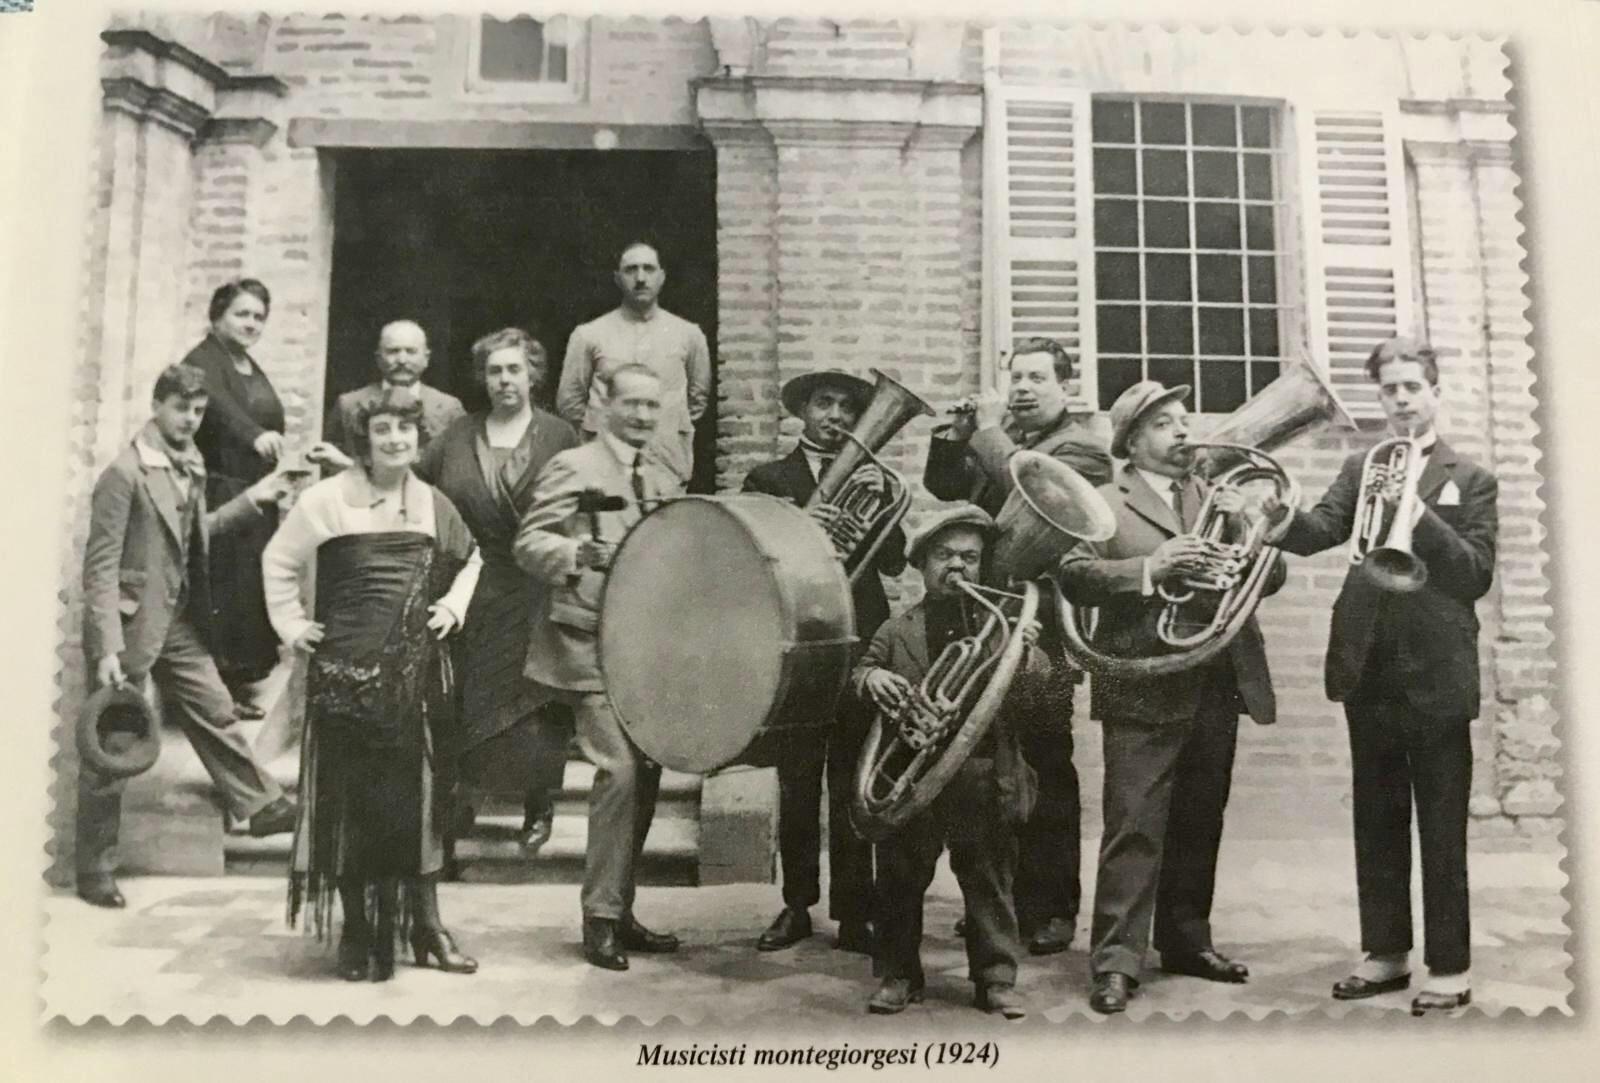 Musicisti montegiorgesi 1924